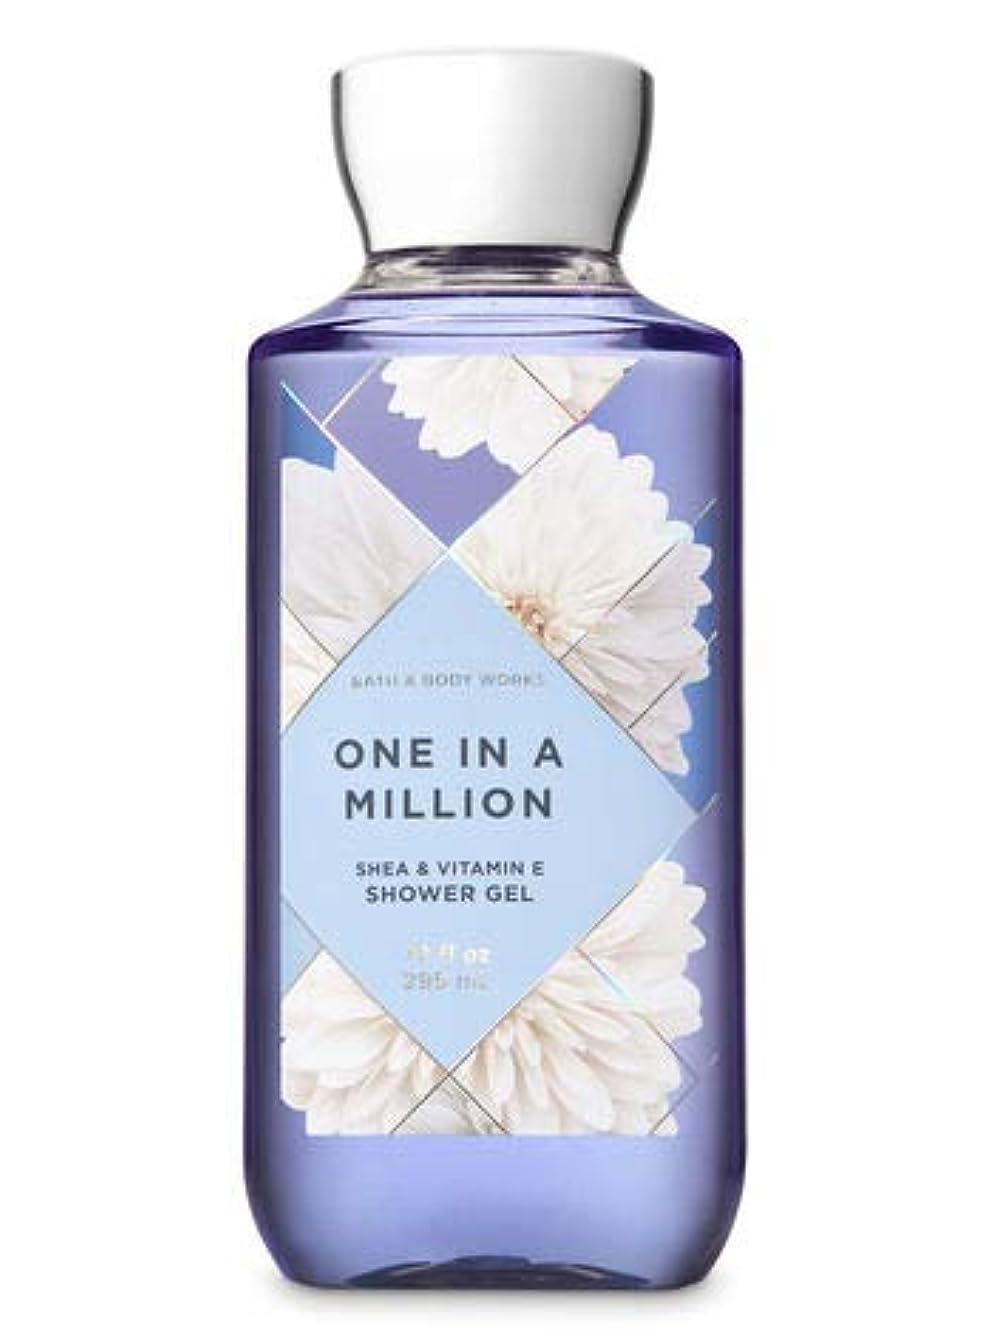 しょっぱい読書をする混乱した【Bath&Body Works/バス&ボディワークス】 シャワージェル ワンインアミリオン Shower Gel One in a Million 10 fl oz / 295 mL [並行輸入品]